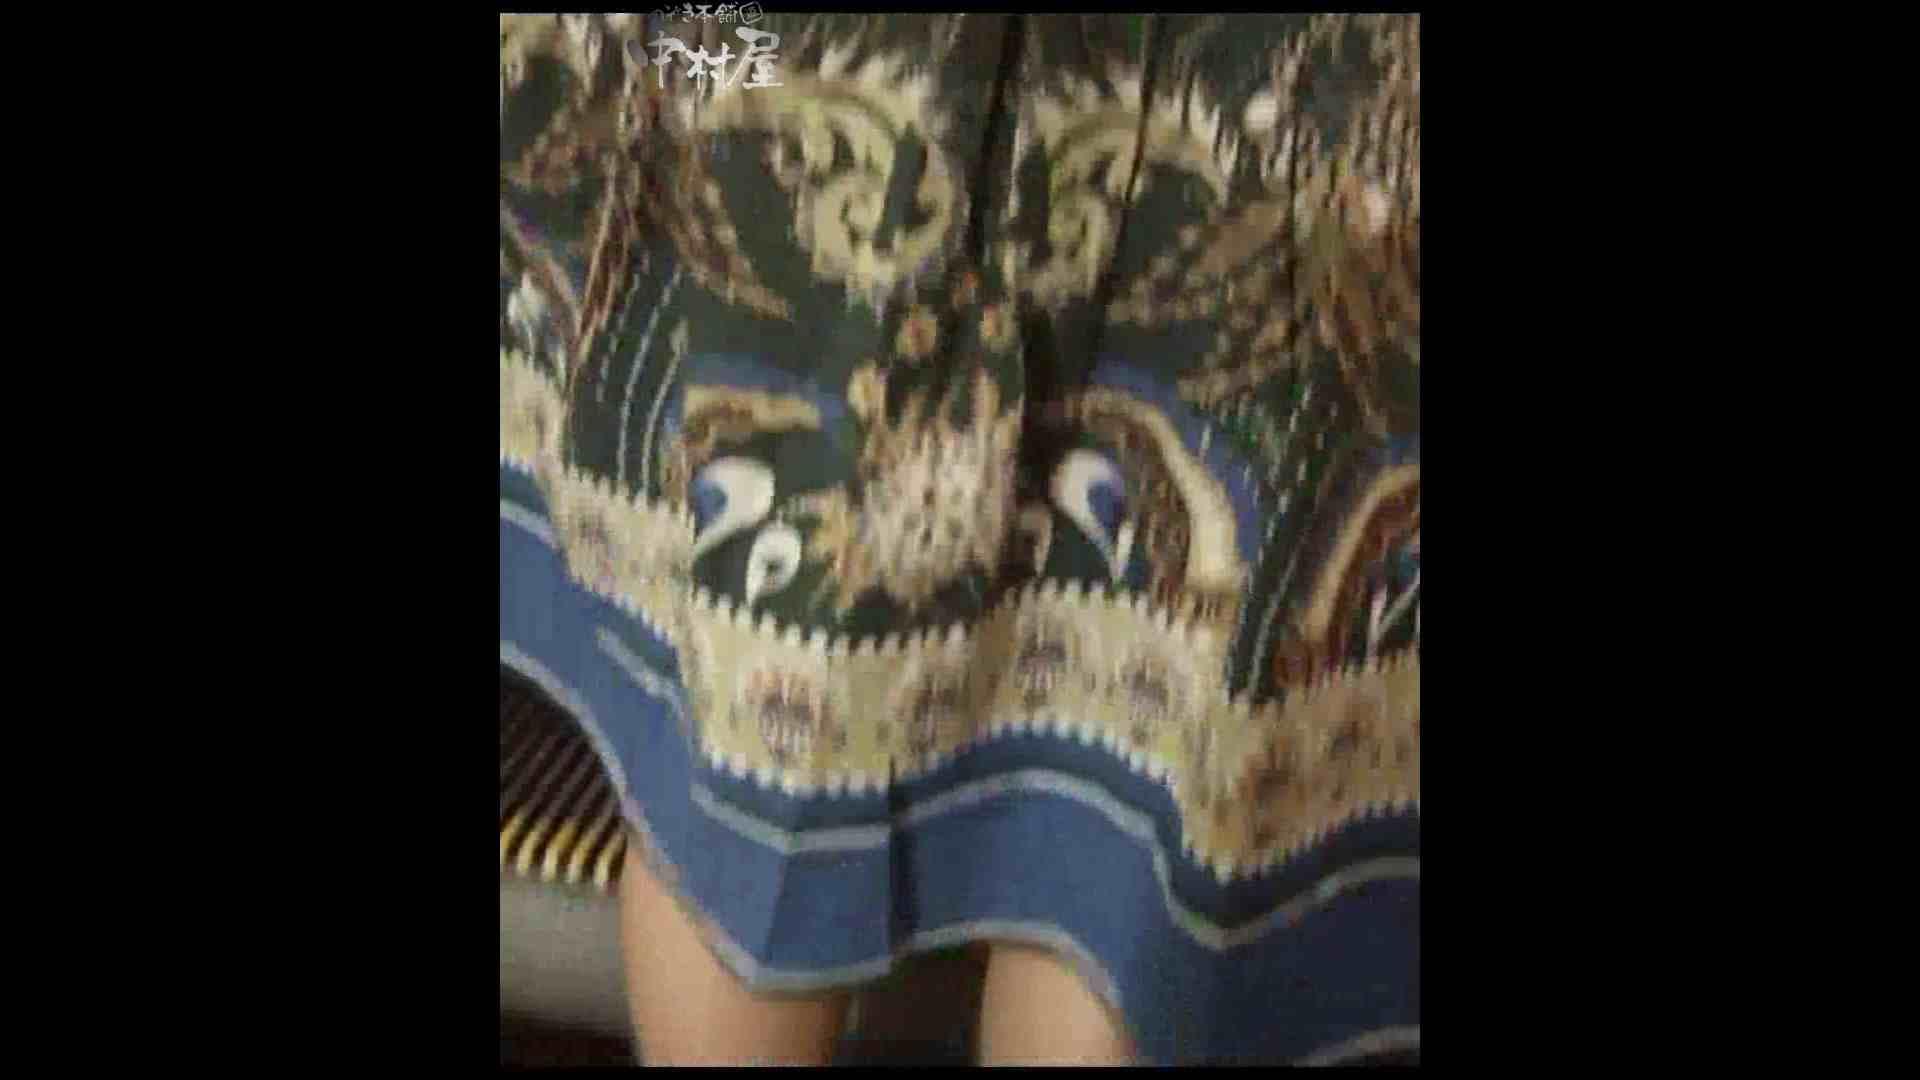 綺麗なモデルさんのスカート捲っちゃおう‼ vol13 OLハメ撮り  45Pix 28